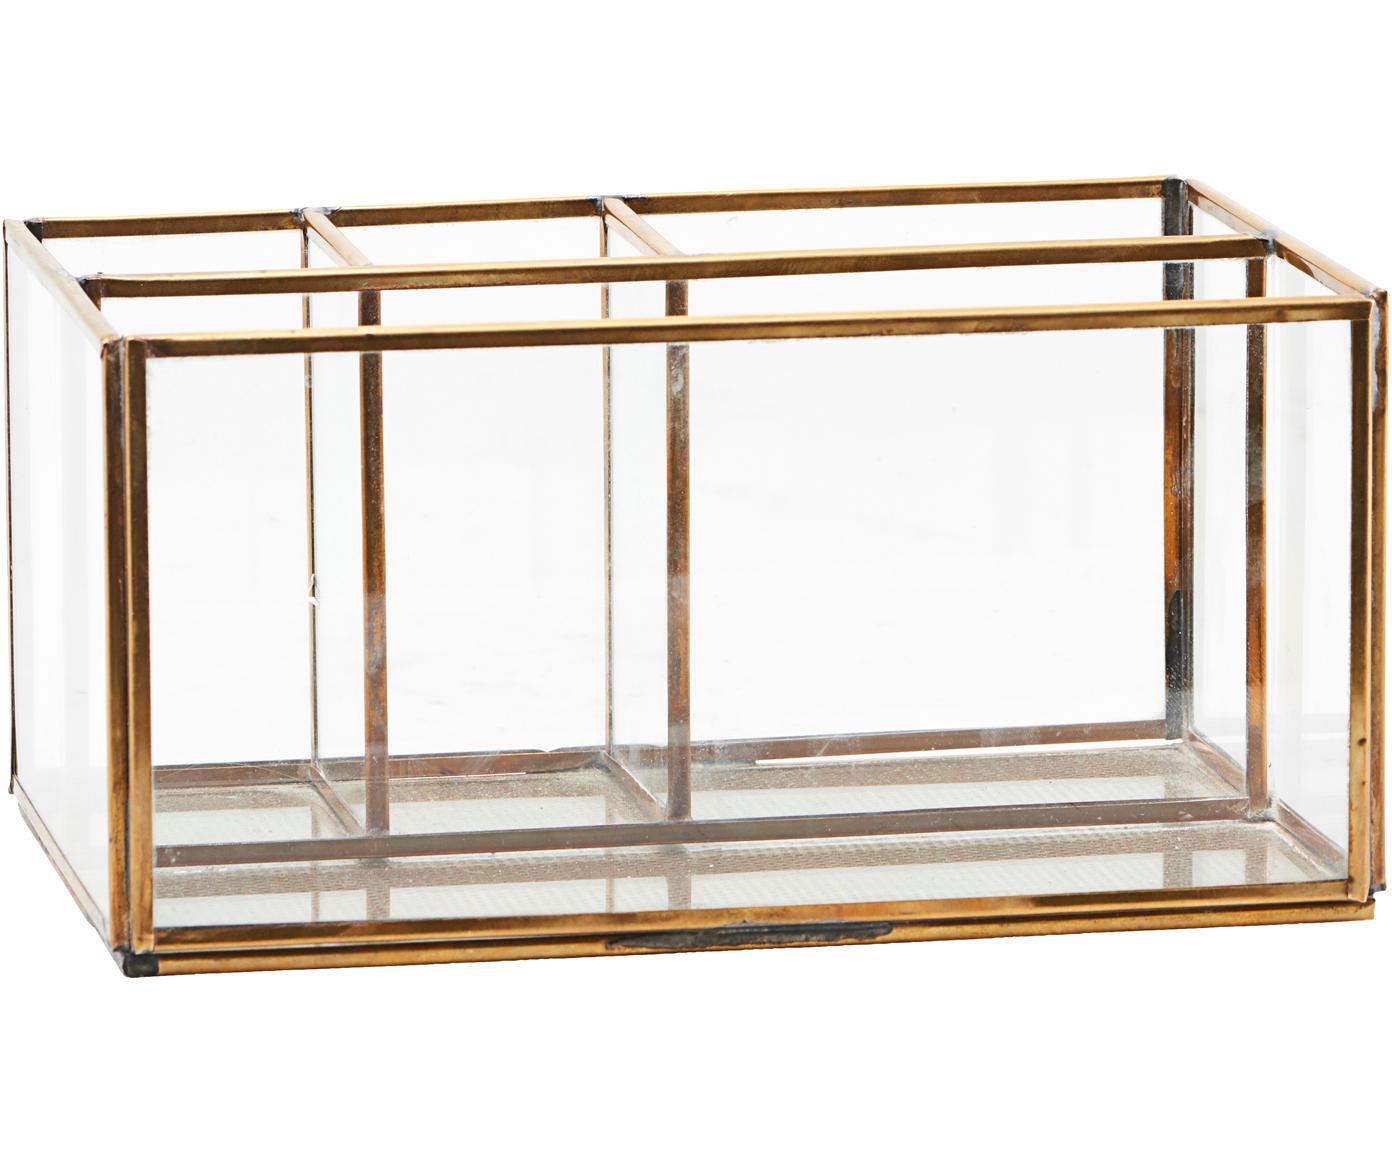 Organizer Sola, Messing, glas, Transparant, messingkleurig, 21 x 13 cm